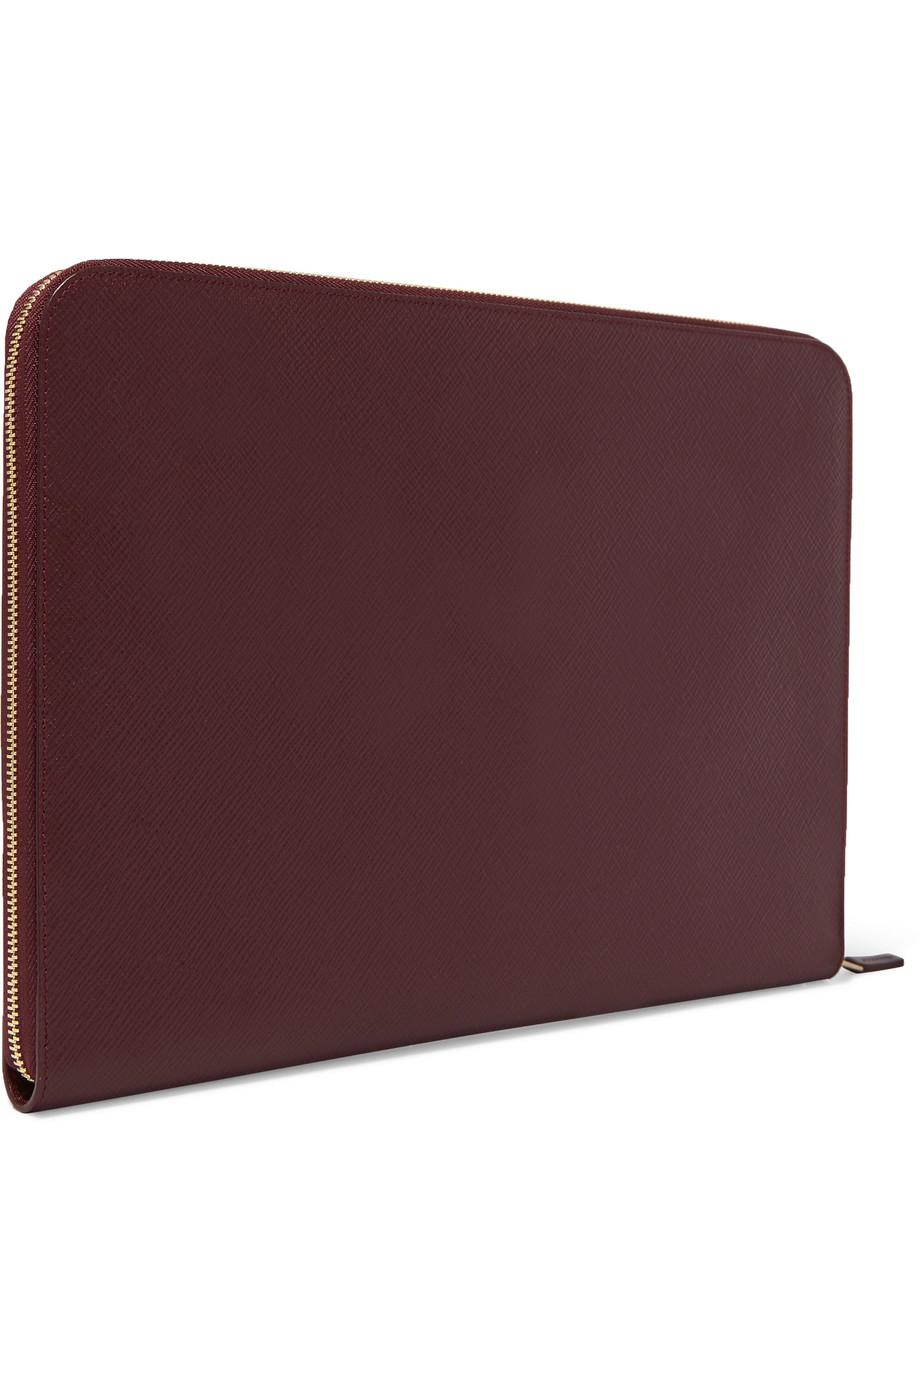 Panama Textured-leather 13 Laptop Case - Burgundy Smythson ly820